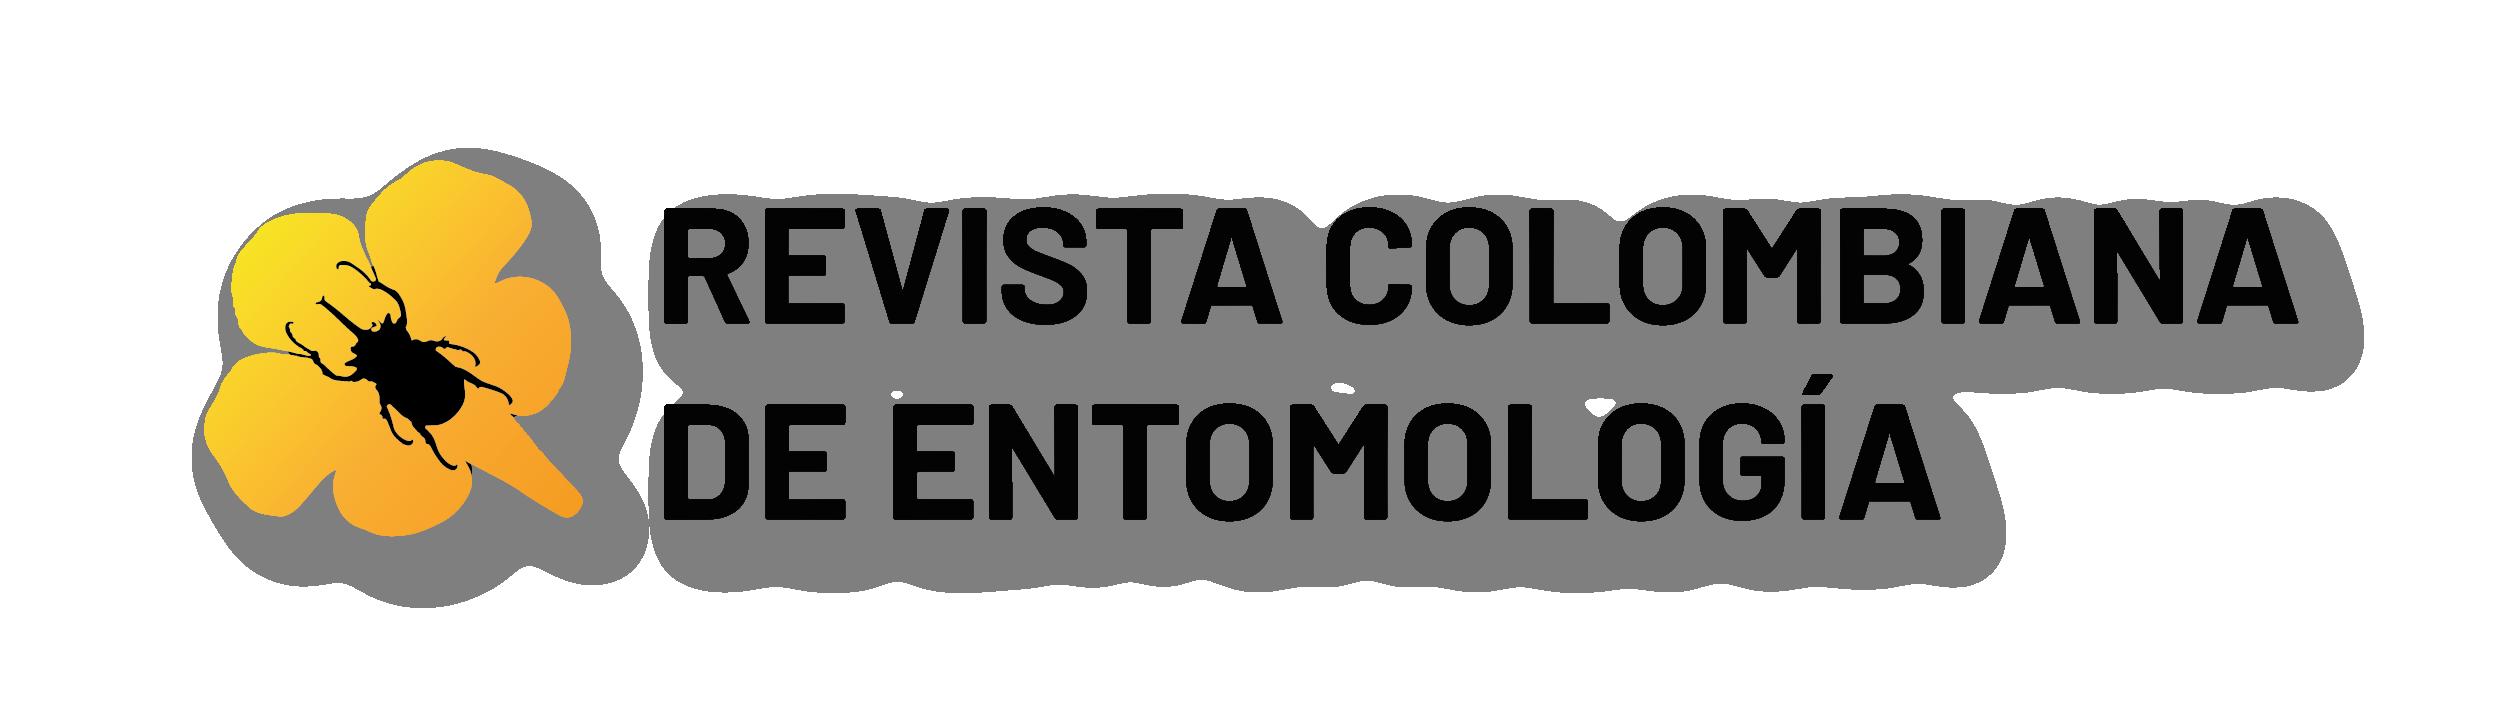 Revista Colombiana de Entomología Socolen